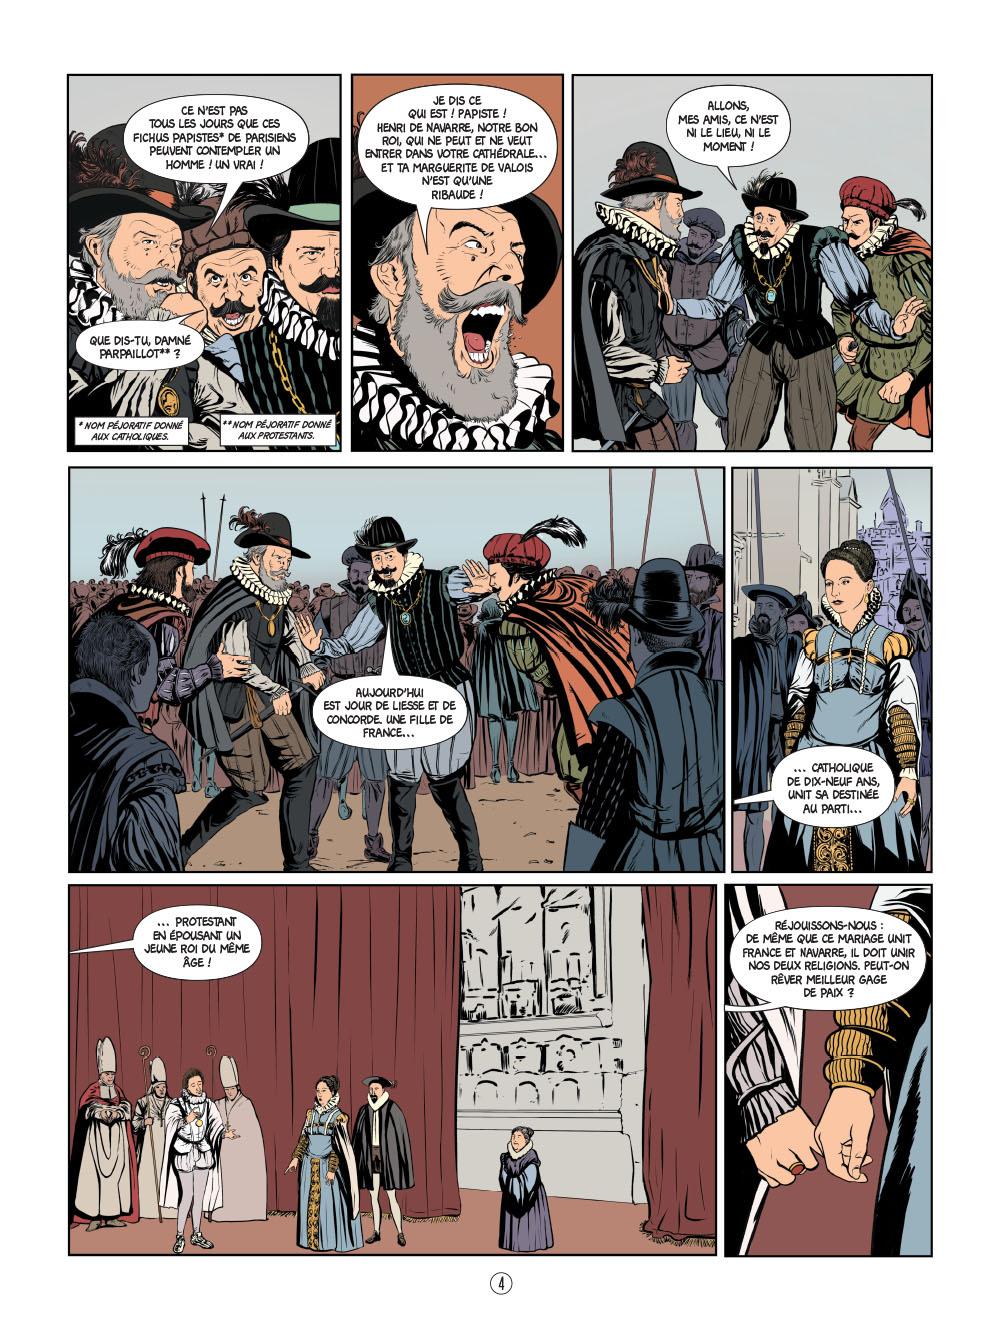 Henri IV en BD : un album de bande dessinée illustré par Klever Flores pour le compte du studio MAKMA.